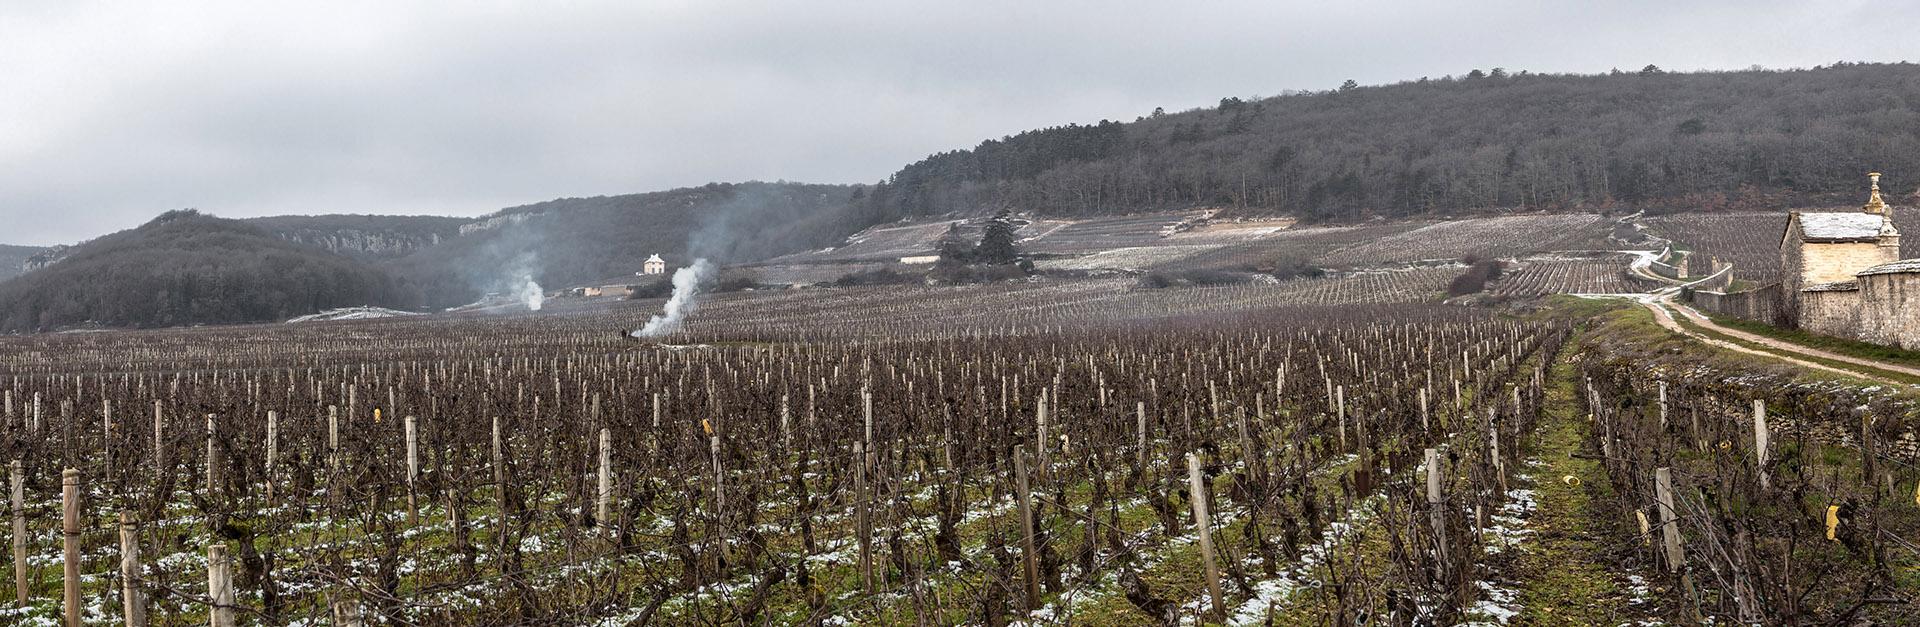 Domaine Humbert Bourgogne Gevrey-Chambertin